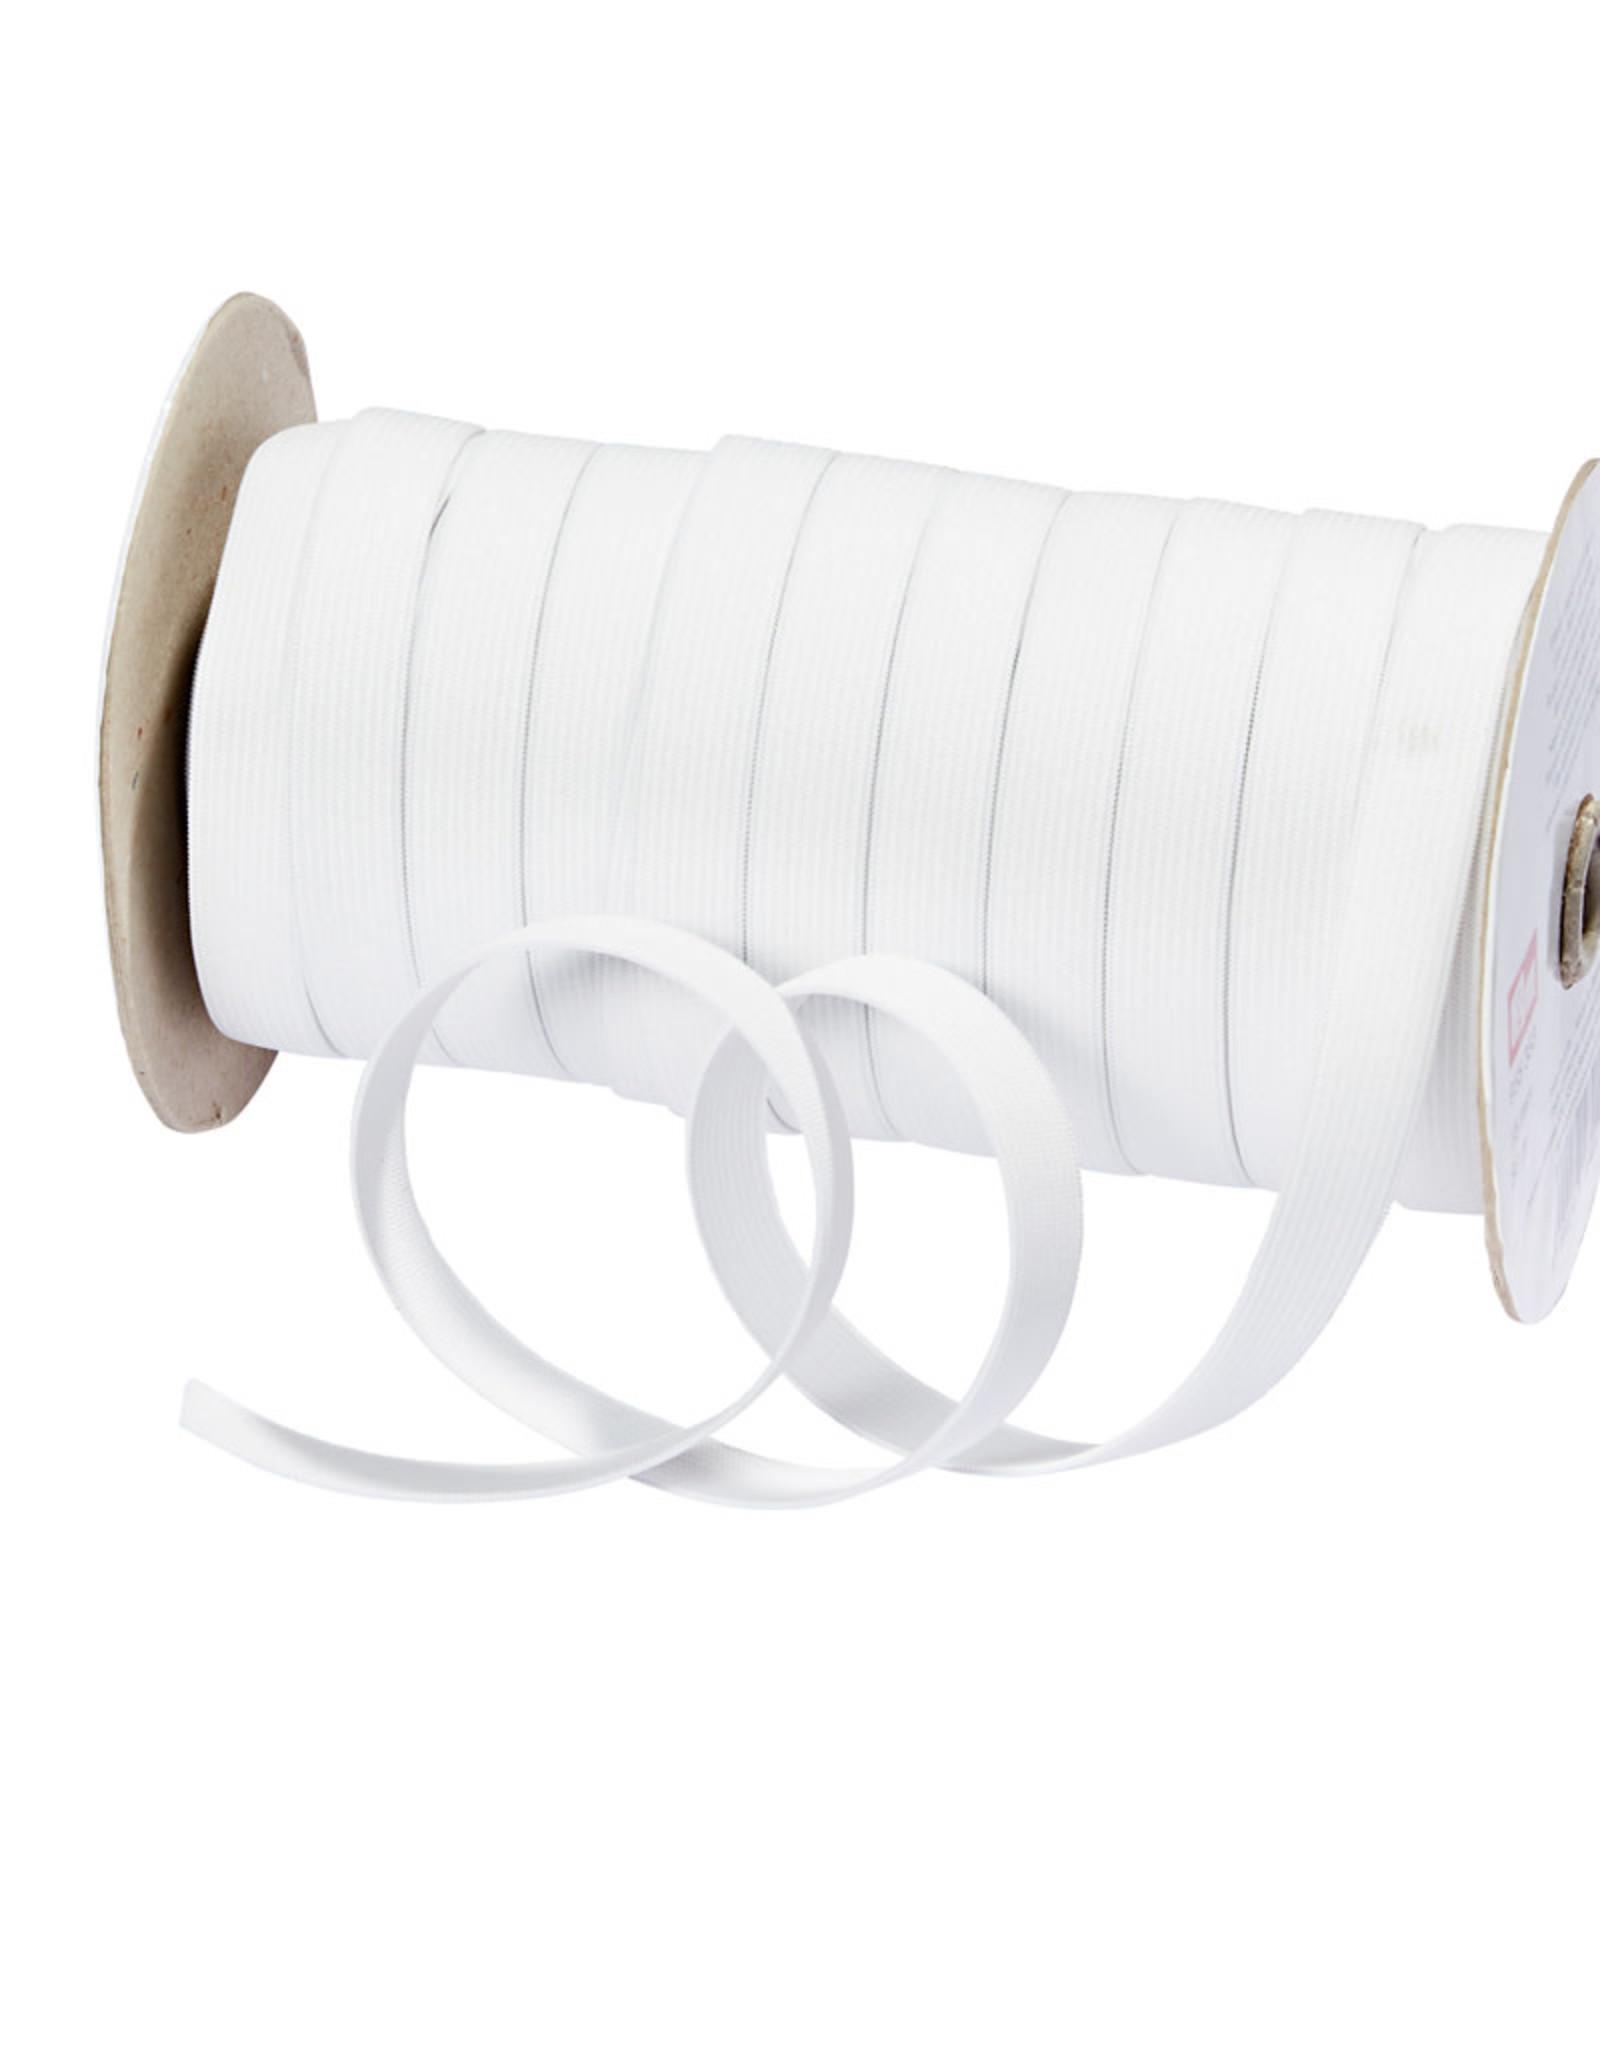 Prym Prym Elastiek wit, zacht 15 mm